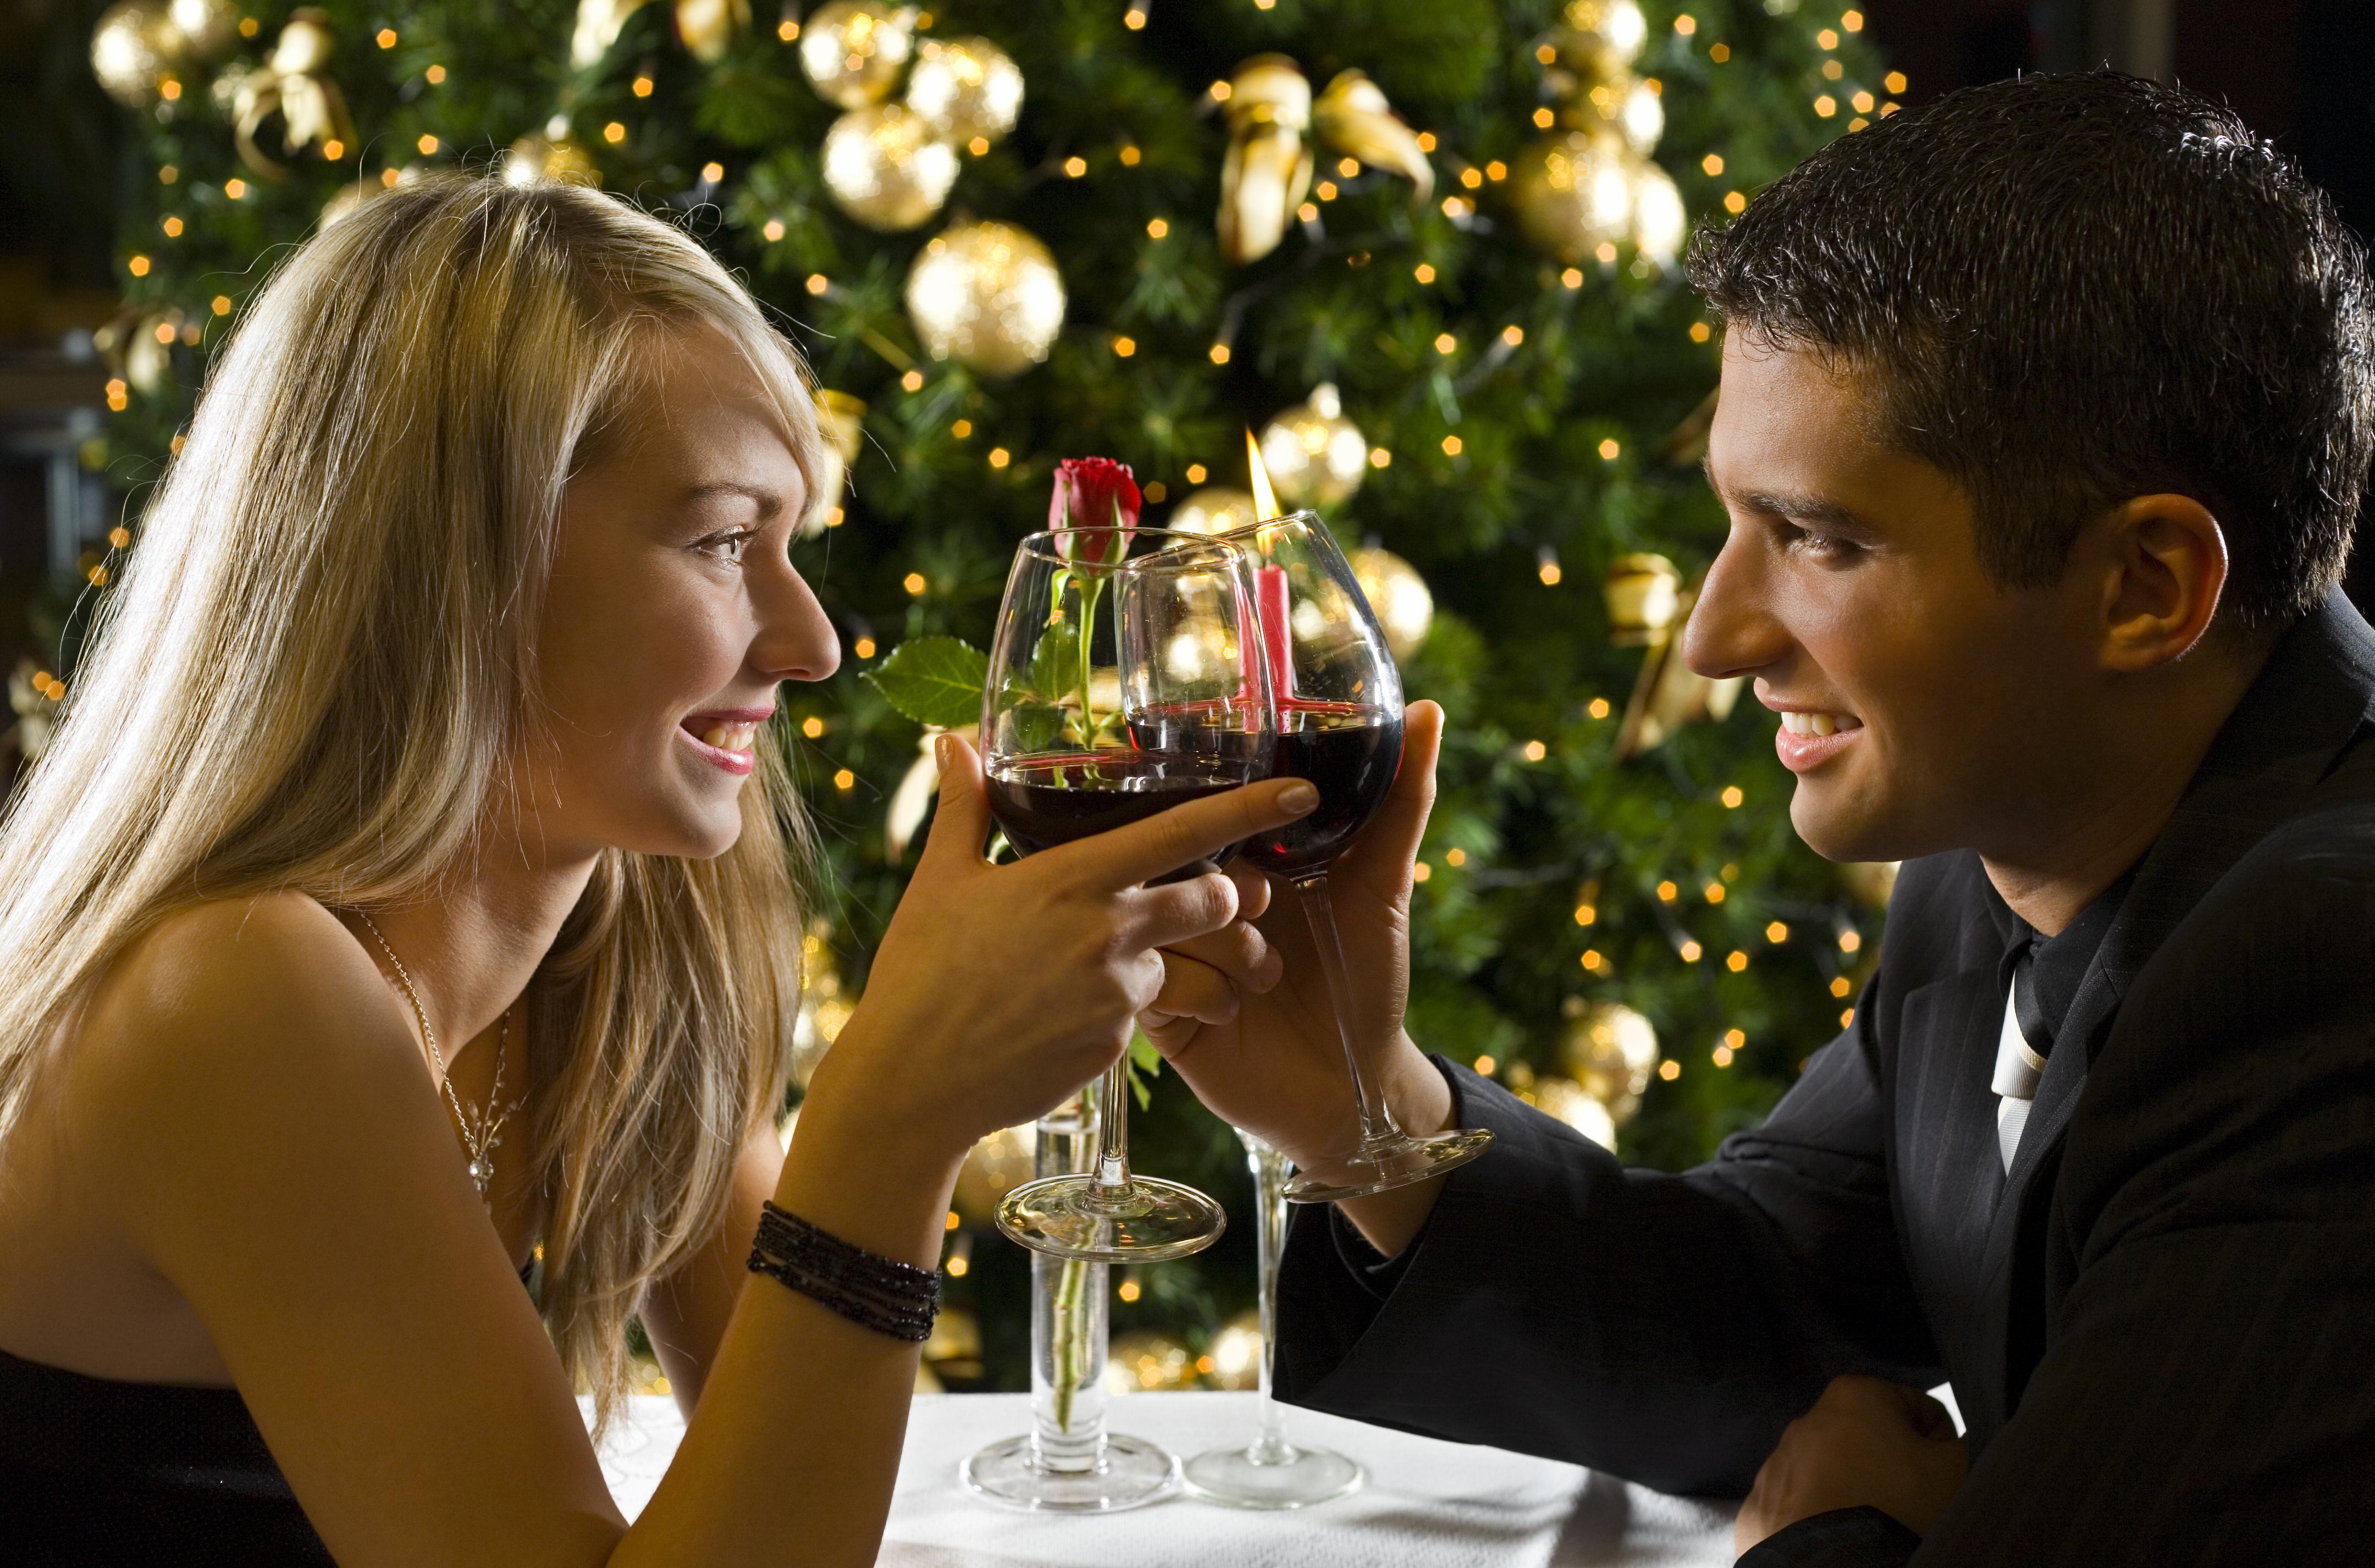 赤ワインが入ったグラスを持って向き合って微笑み合っている男女